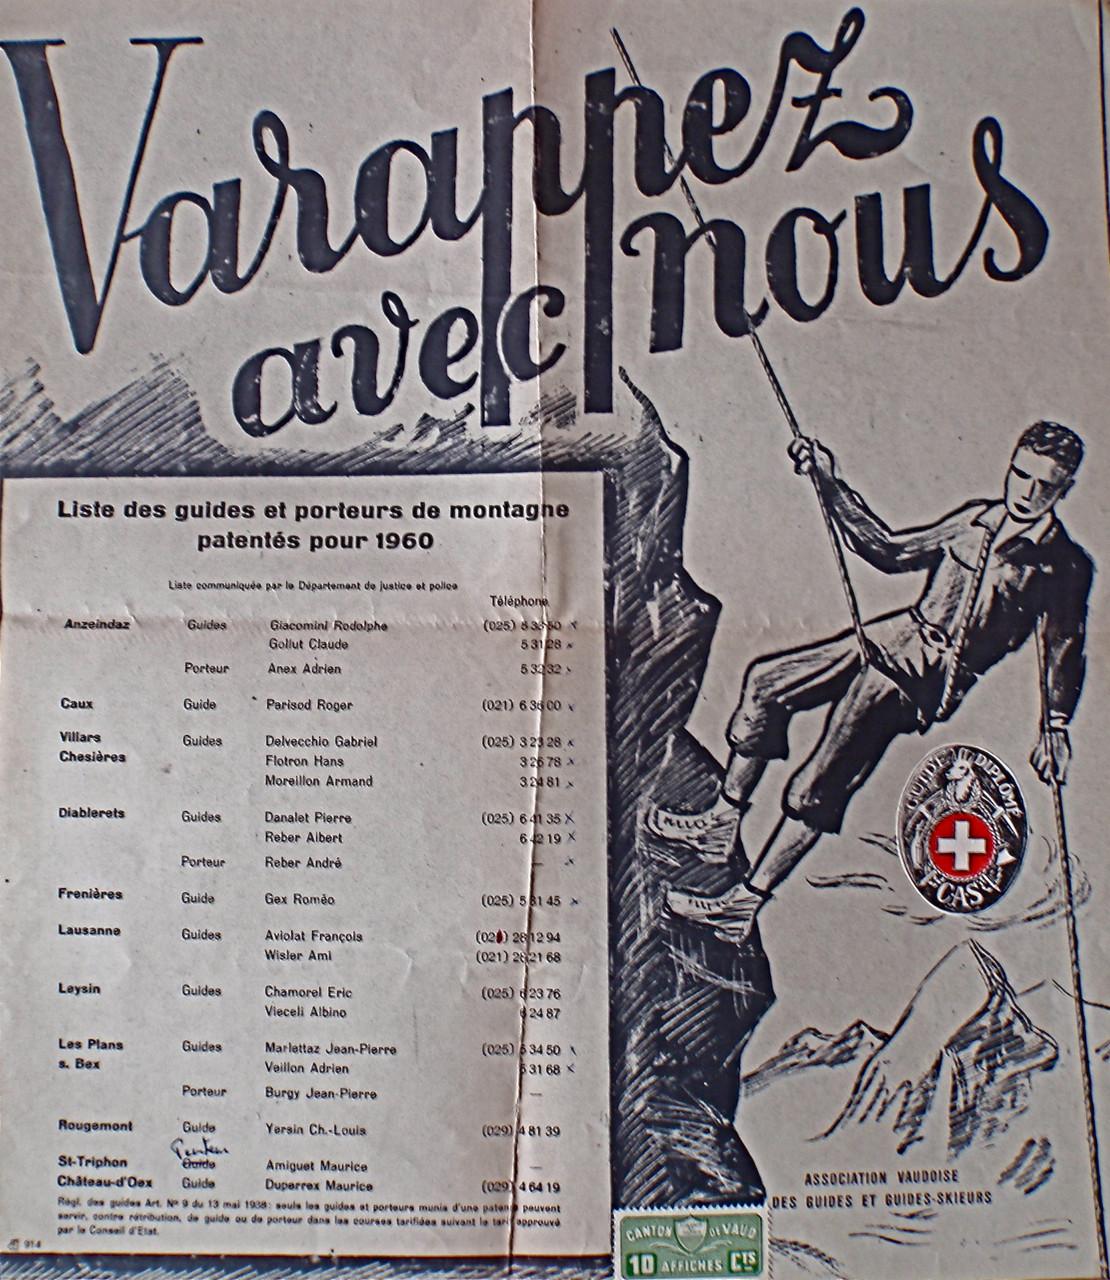 Liste des guides autorisés à pratiquer: le nom de l'artiste qui a dessiné l'affiche s'est perdu dans les temps révolus